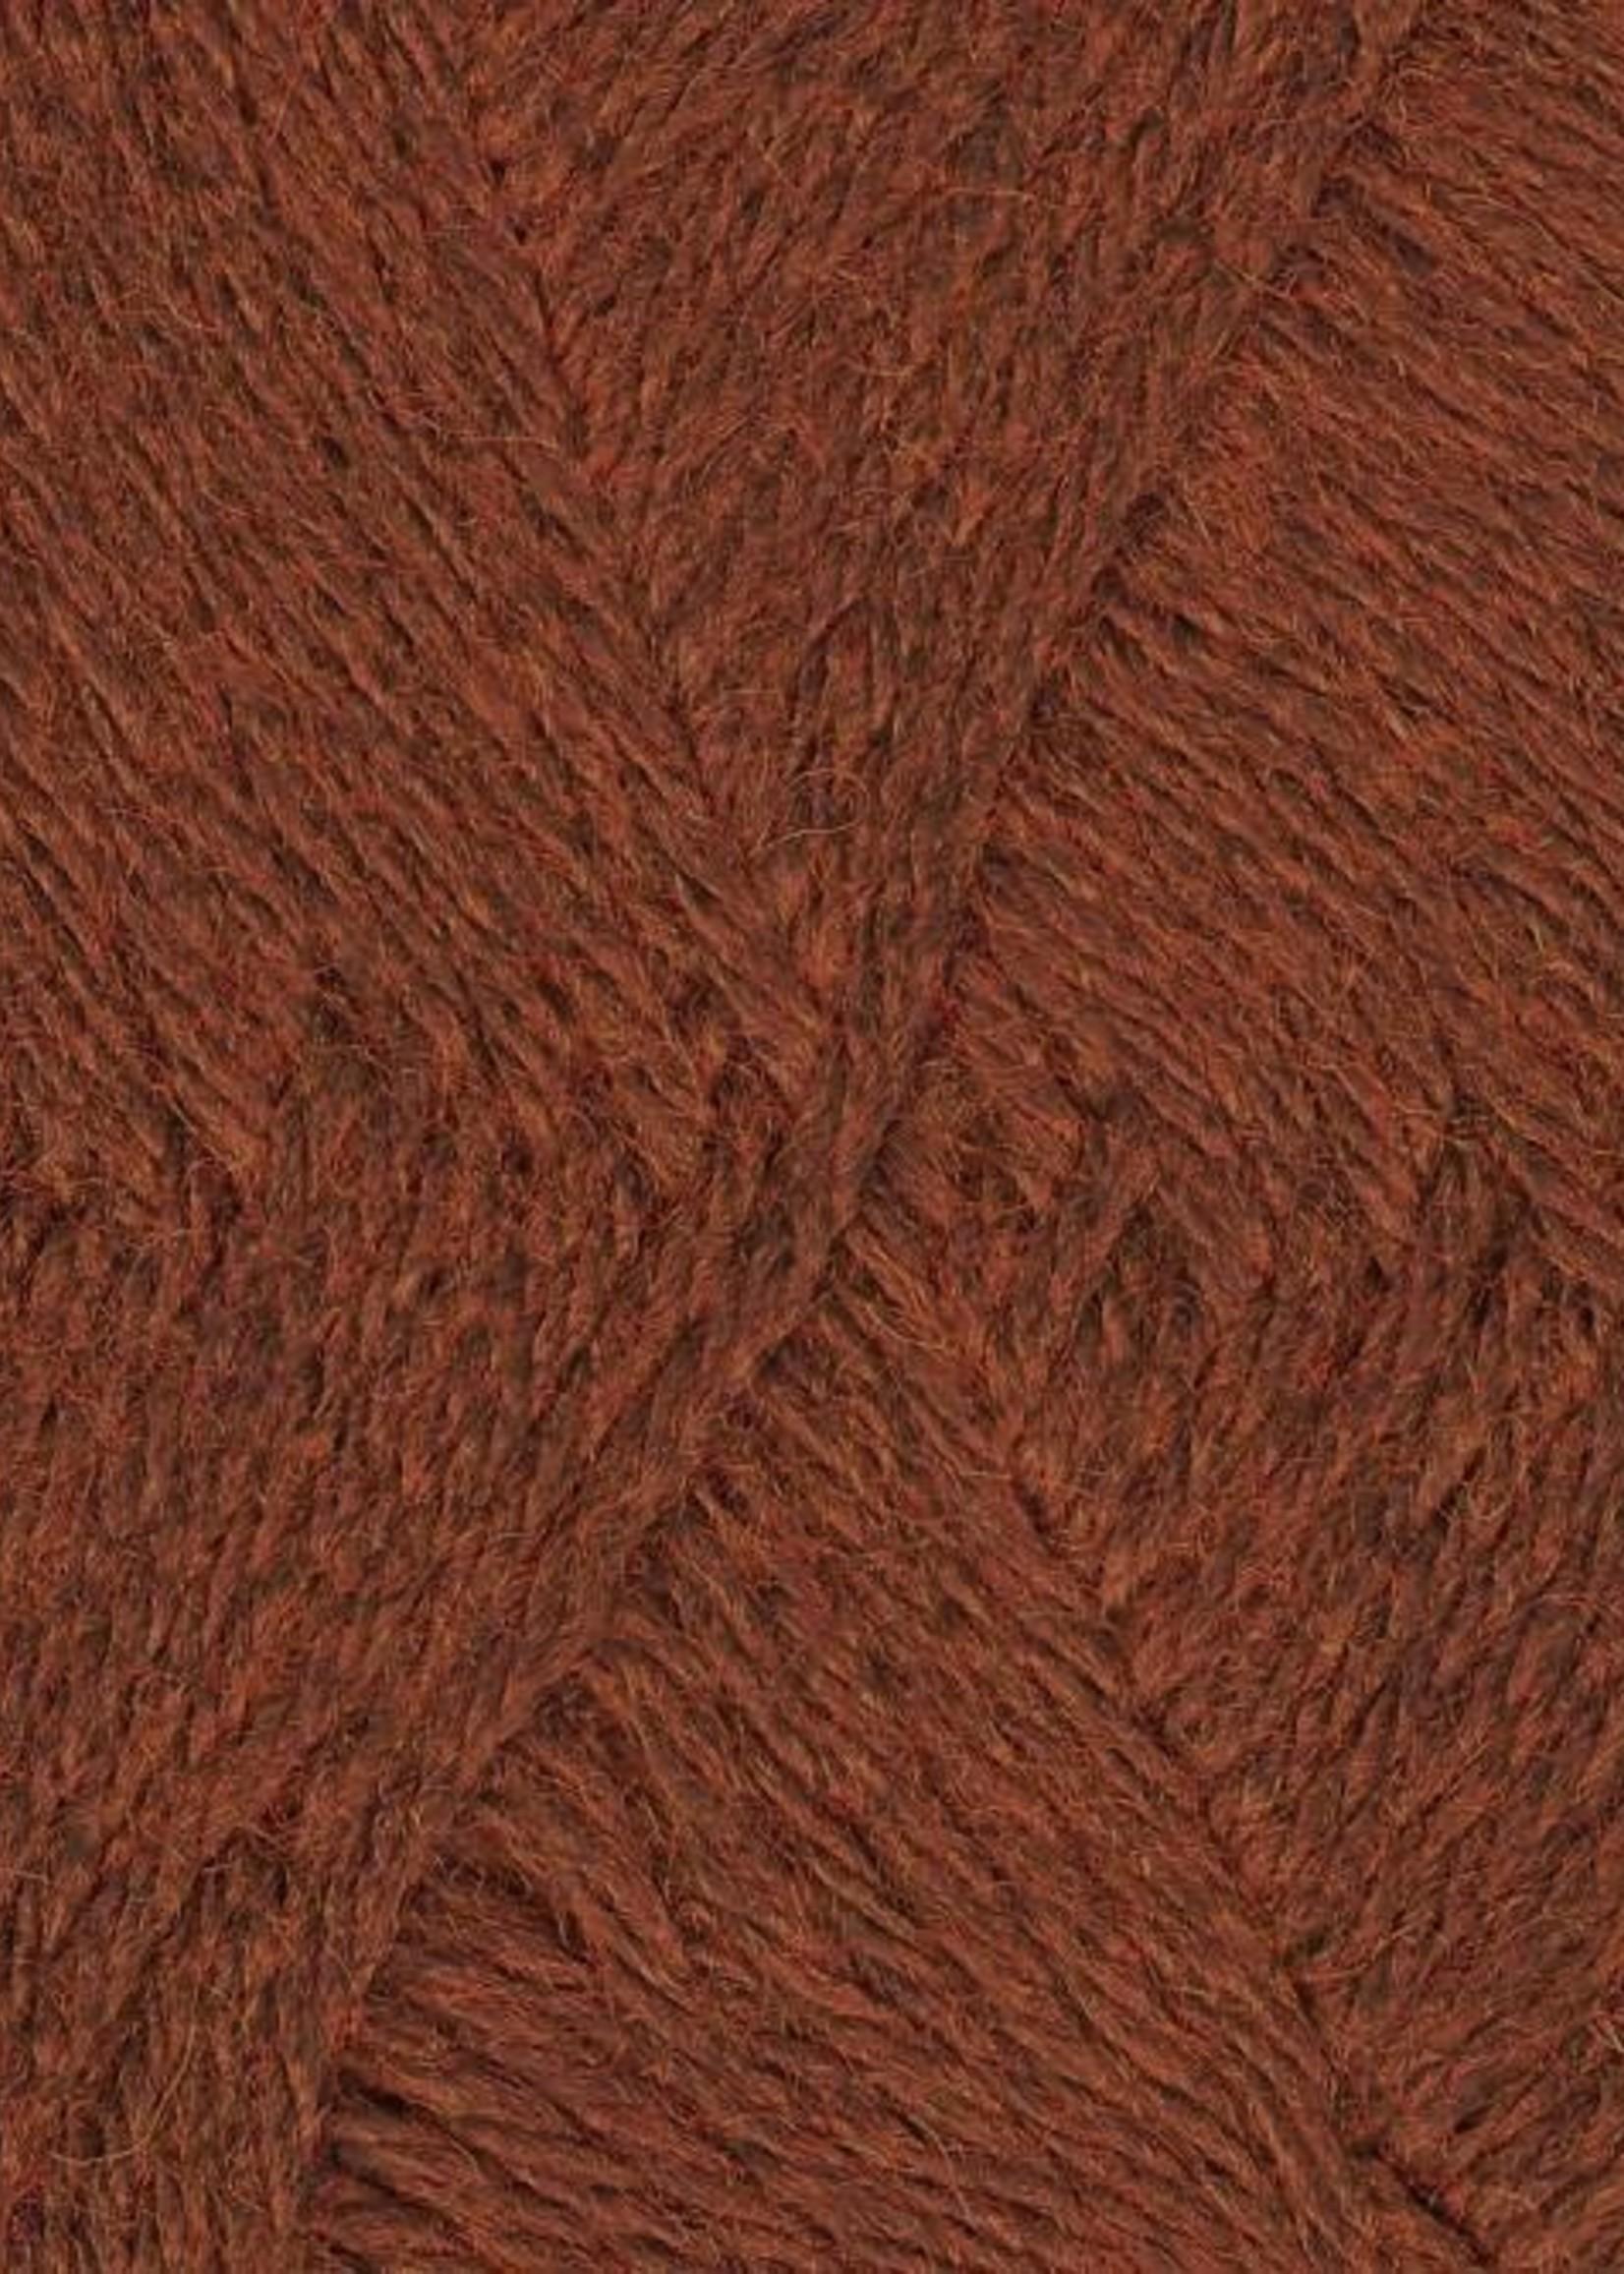 Knitting Fever KFI Collection Teenie Weenie Wool - Chestnut